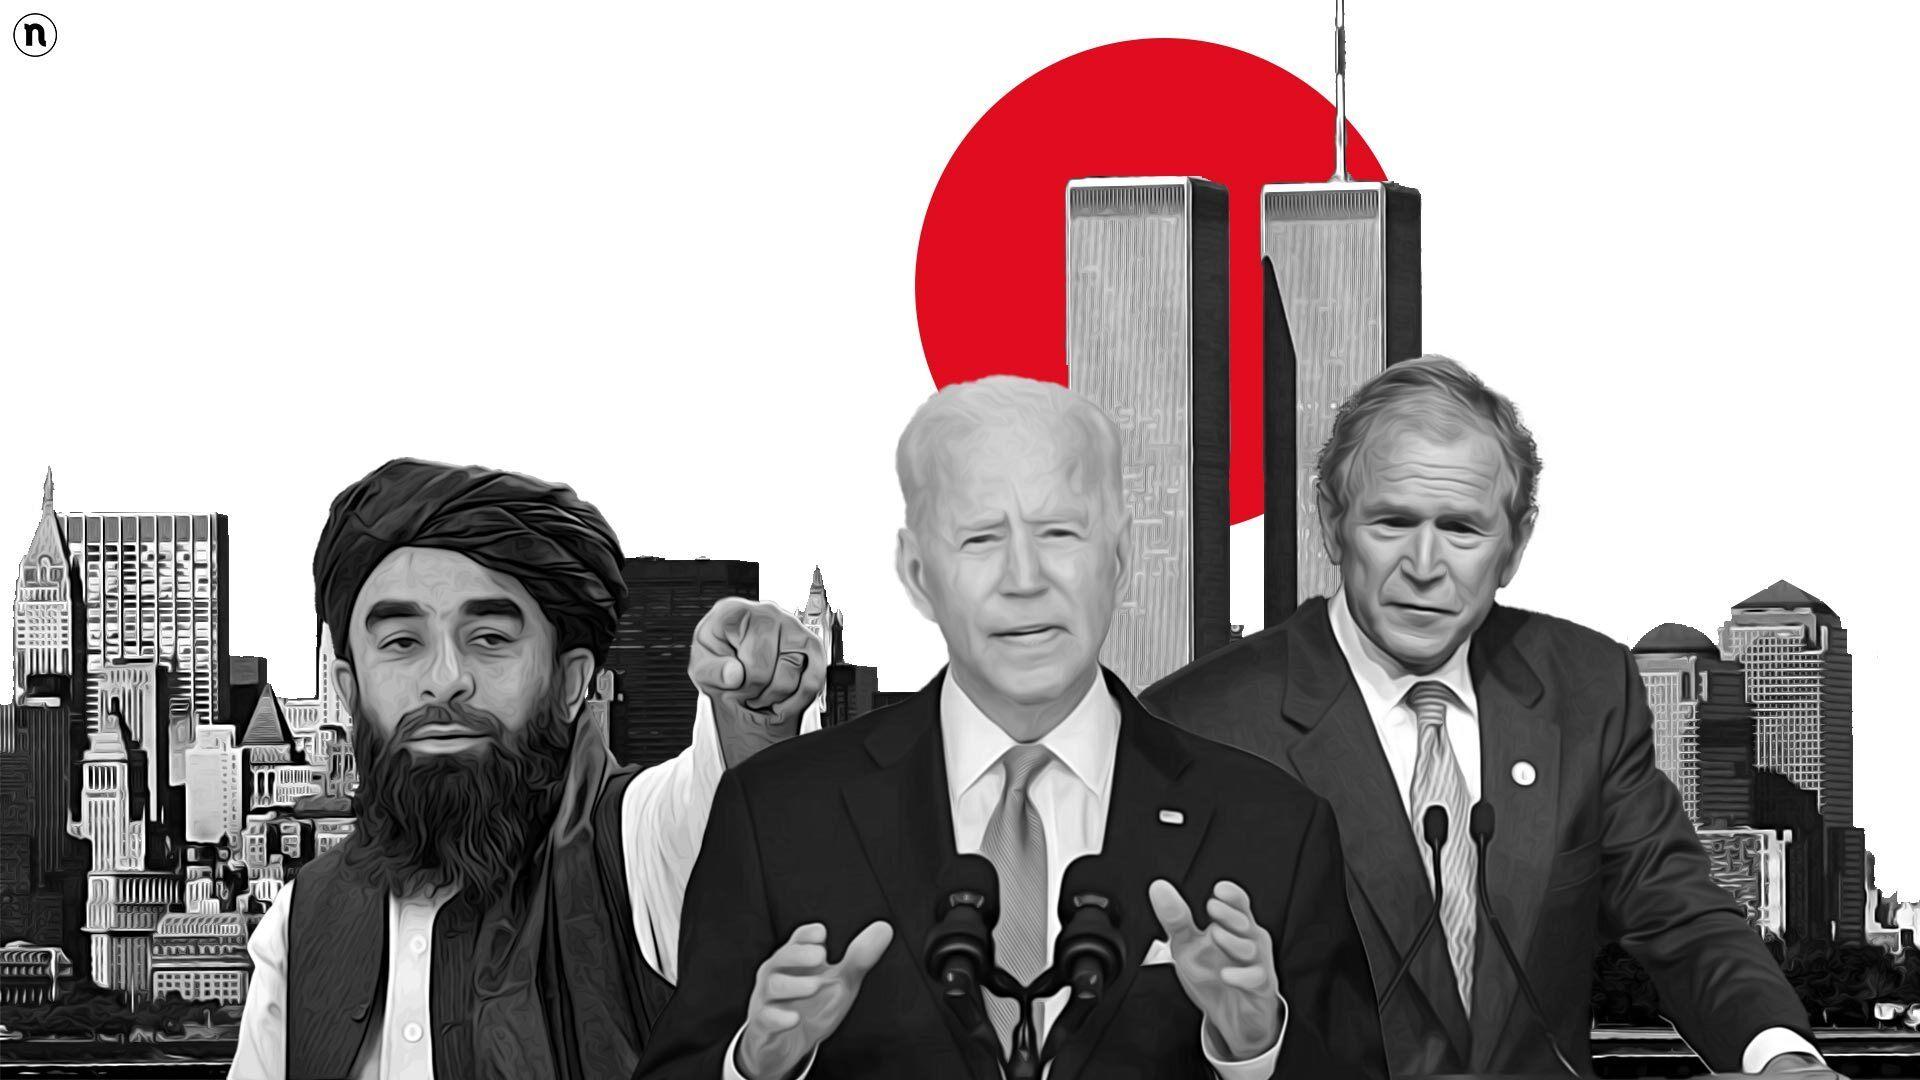 Venti anni dopo l'11 settembre: come è cambiata la comunicazione di talebani e USA